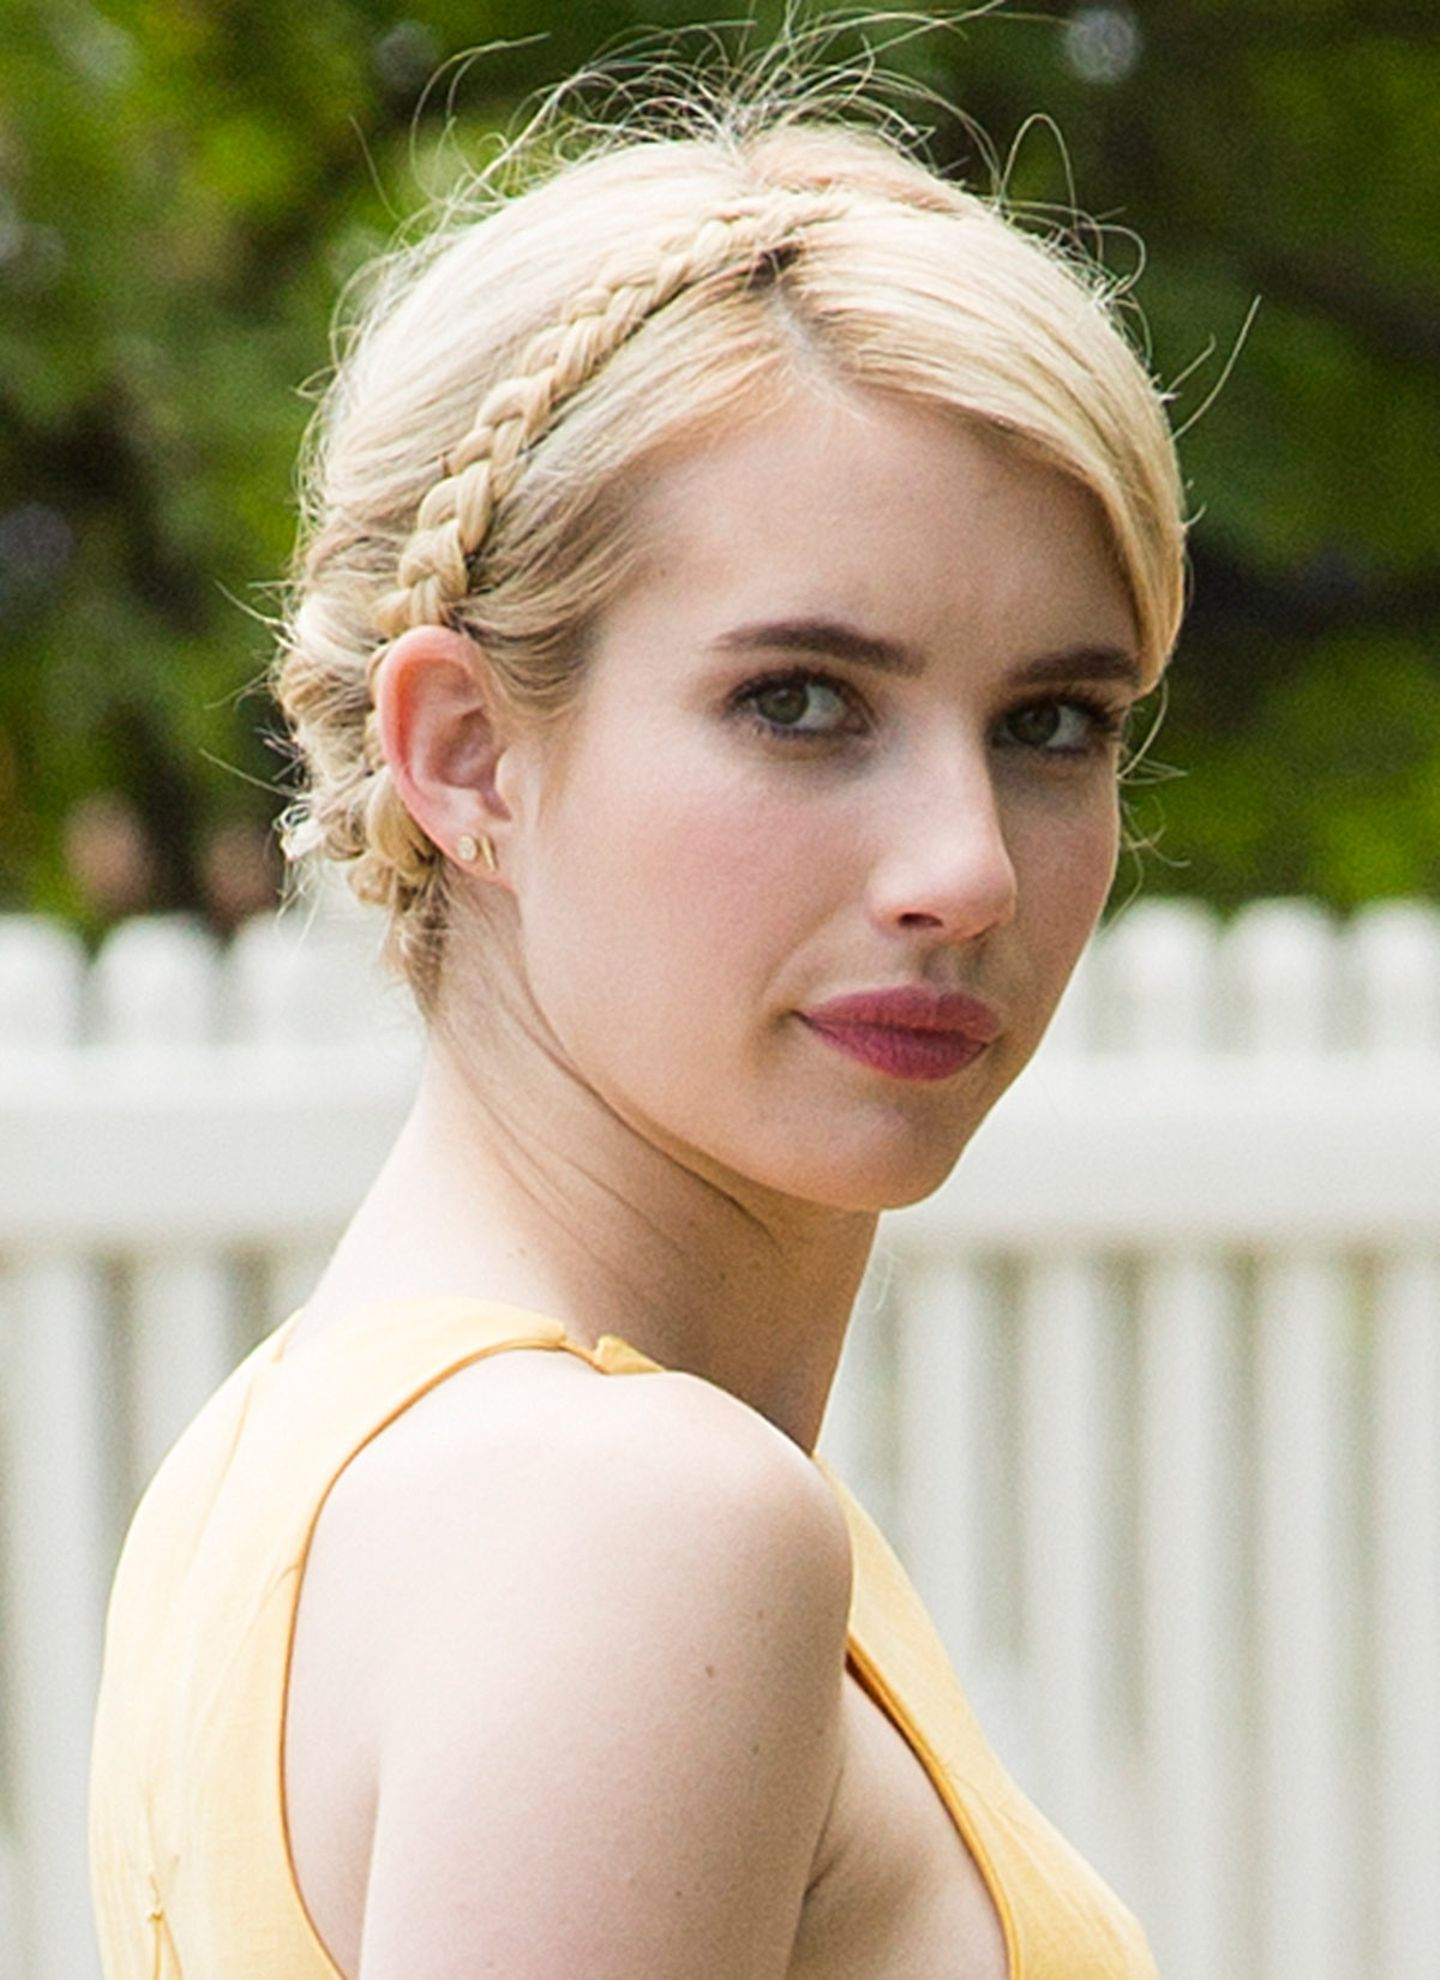 Sommerblonde Haare umrandet von einem geflochtenen Kranz: Diese Frisur steht nicht nur Emma Roberts großartig.